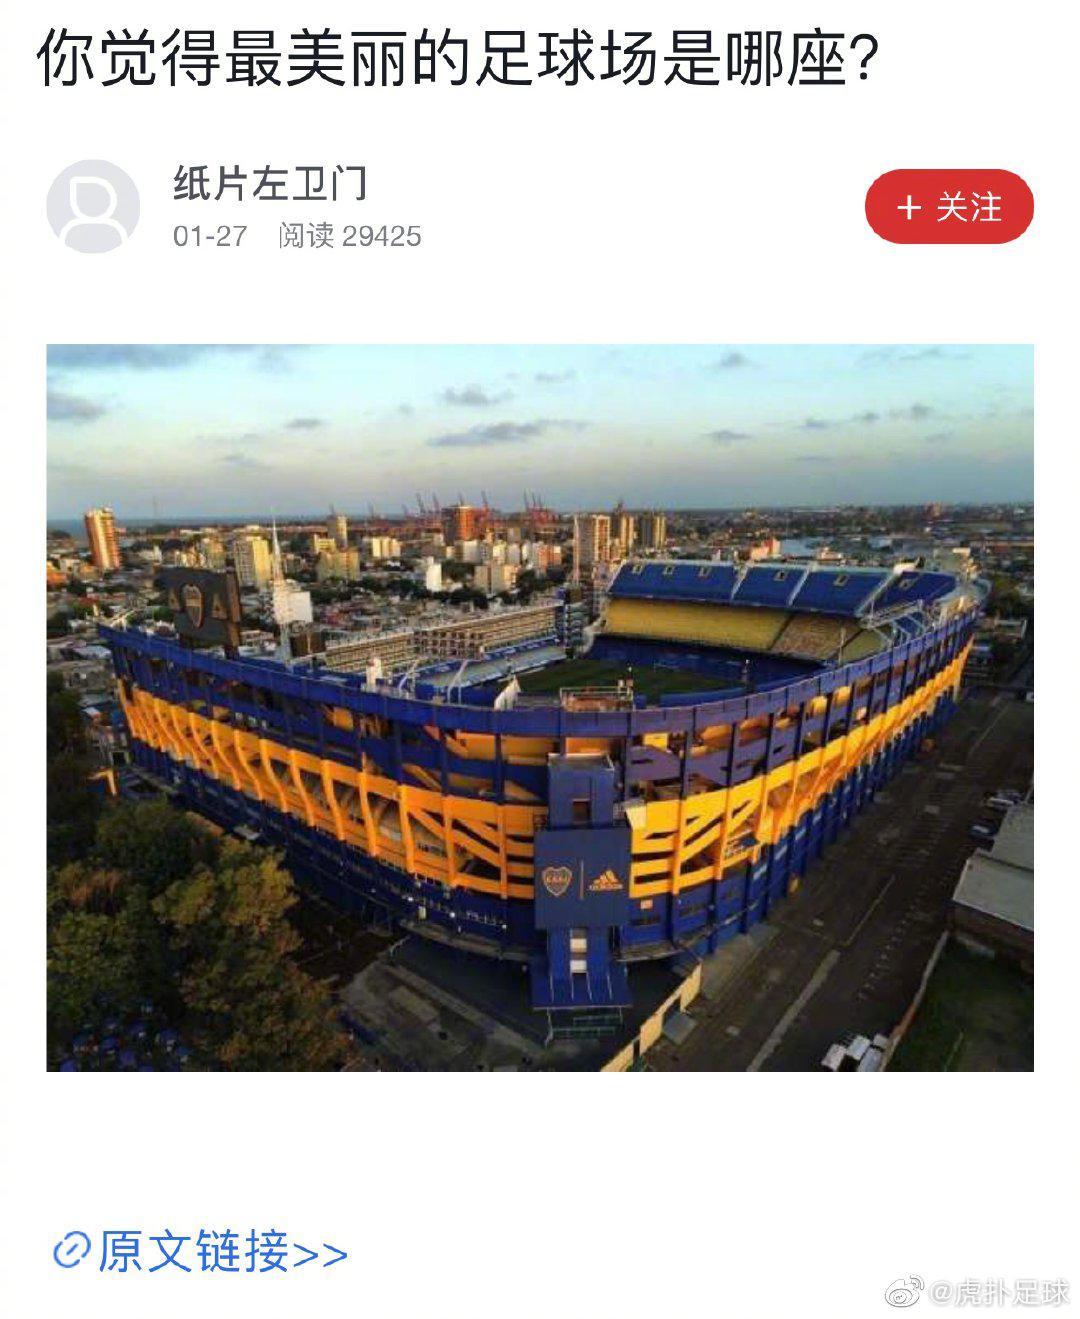 全世界范围里最美丽的足球场是哪座?